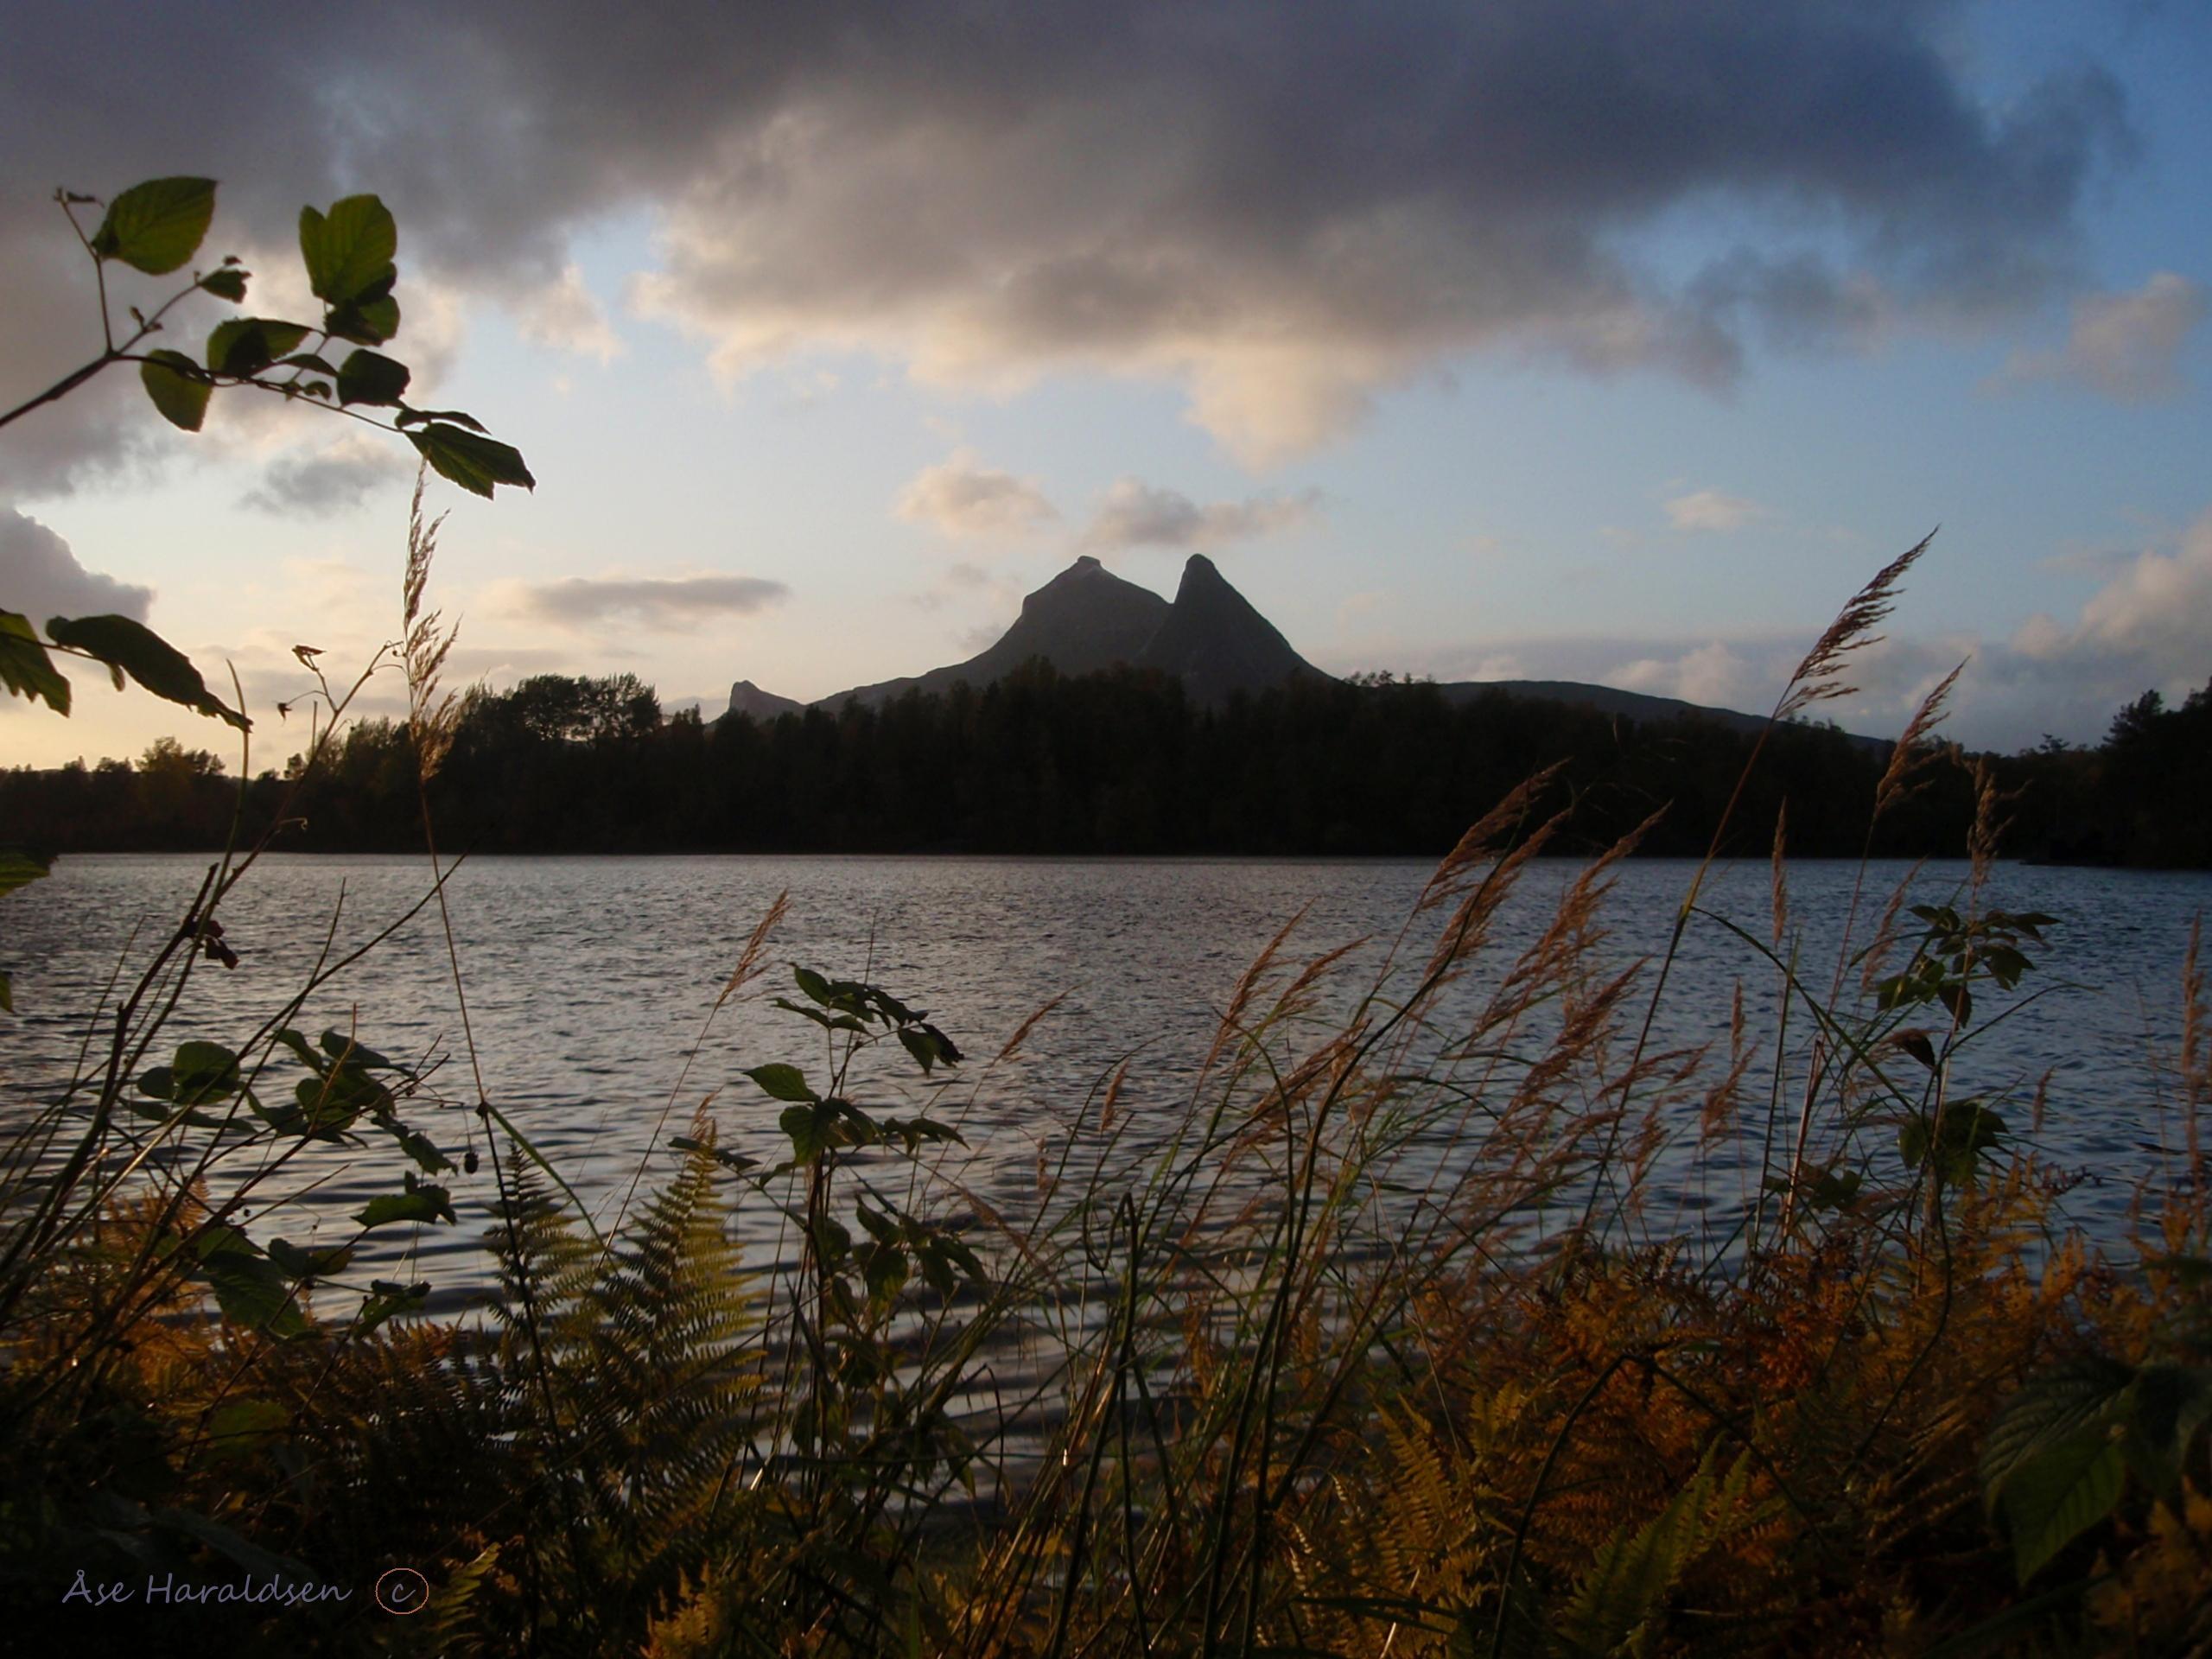 20 Åse Haraldsen, Kalvikvann høstbilde.jpg